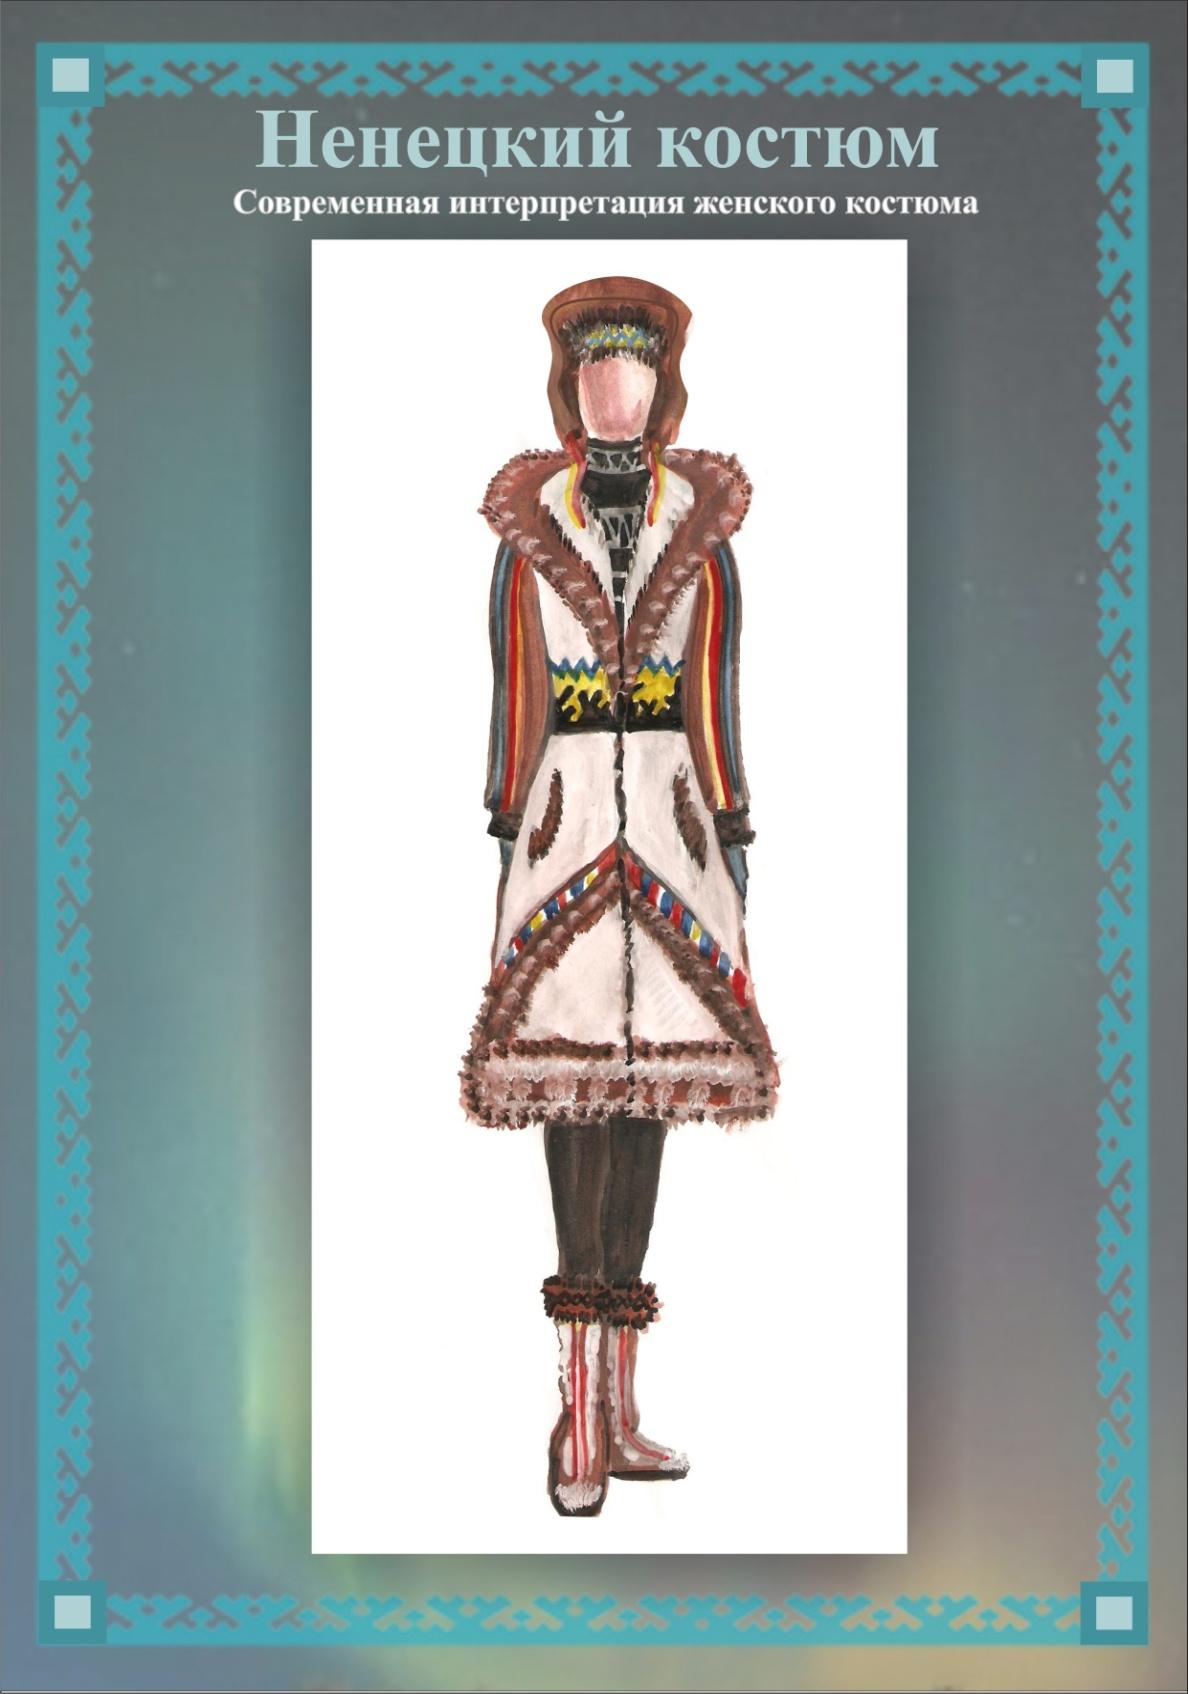 C:\Documents and Settings\user\Мои документы\Ольга\пособие нагл по костюму\Гильфанова Юлия\Рисунок5.jpg